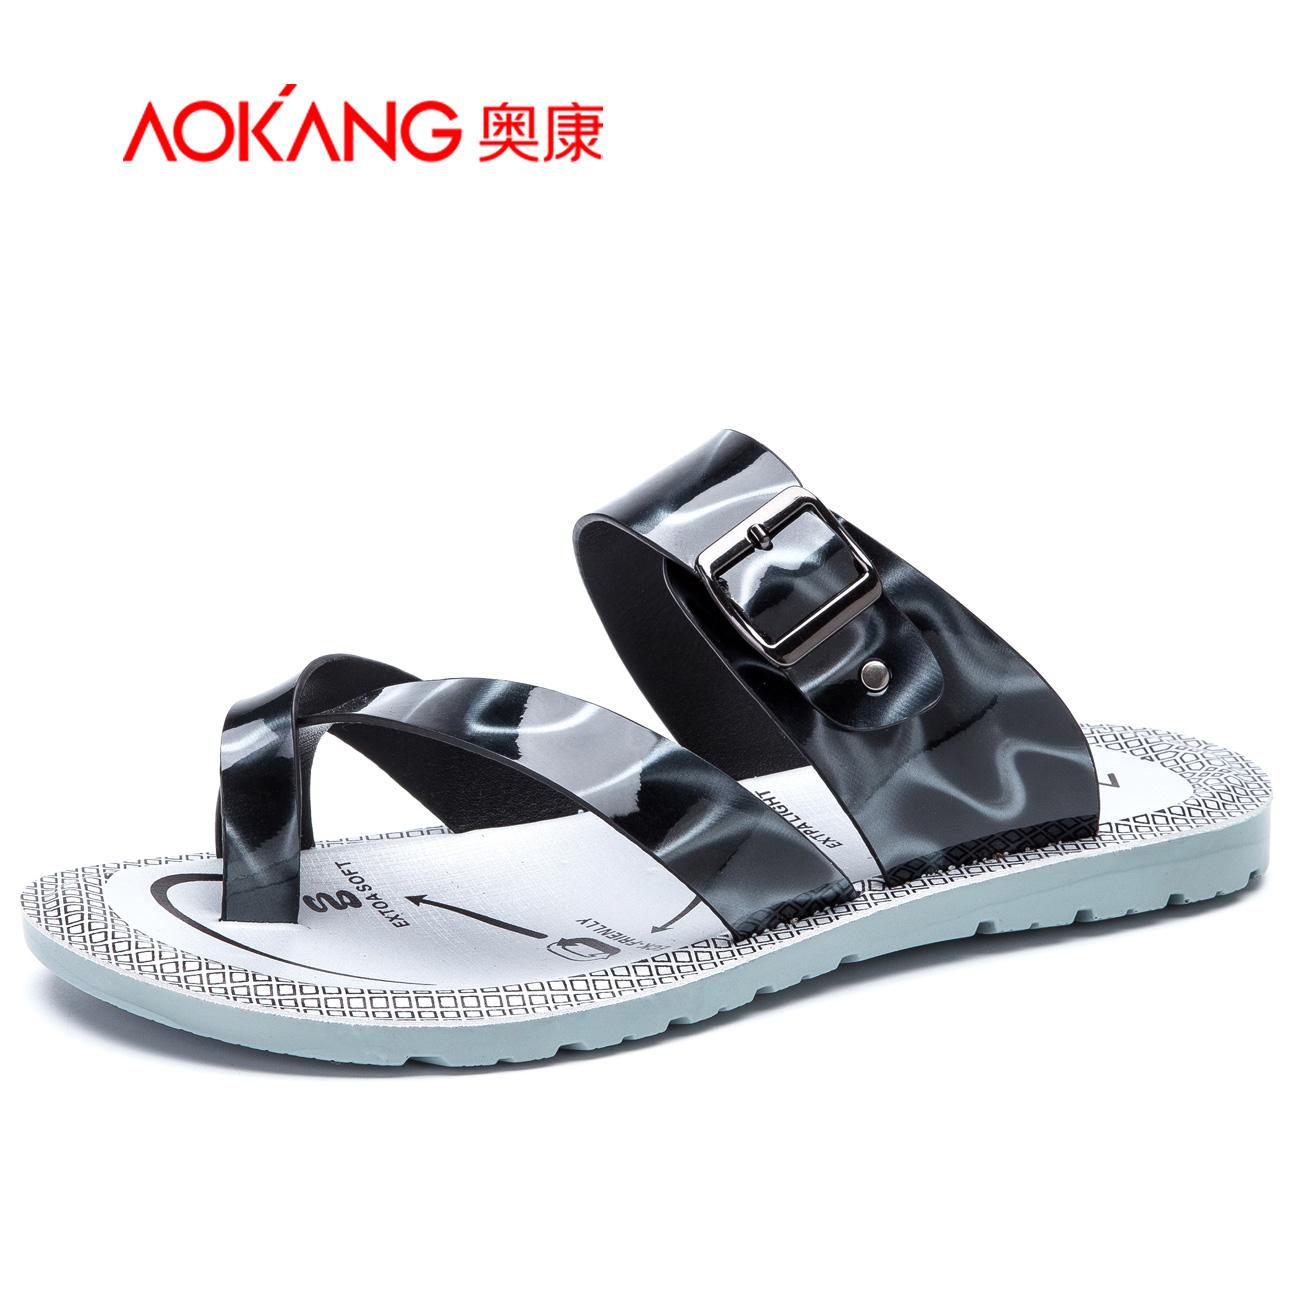 Заумный мир мужская обувь новый случайный мужской клип носок шлепанцы зеркало материал воздухопроницаемый сандалии мужской прохладно торможение